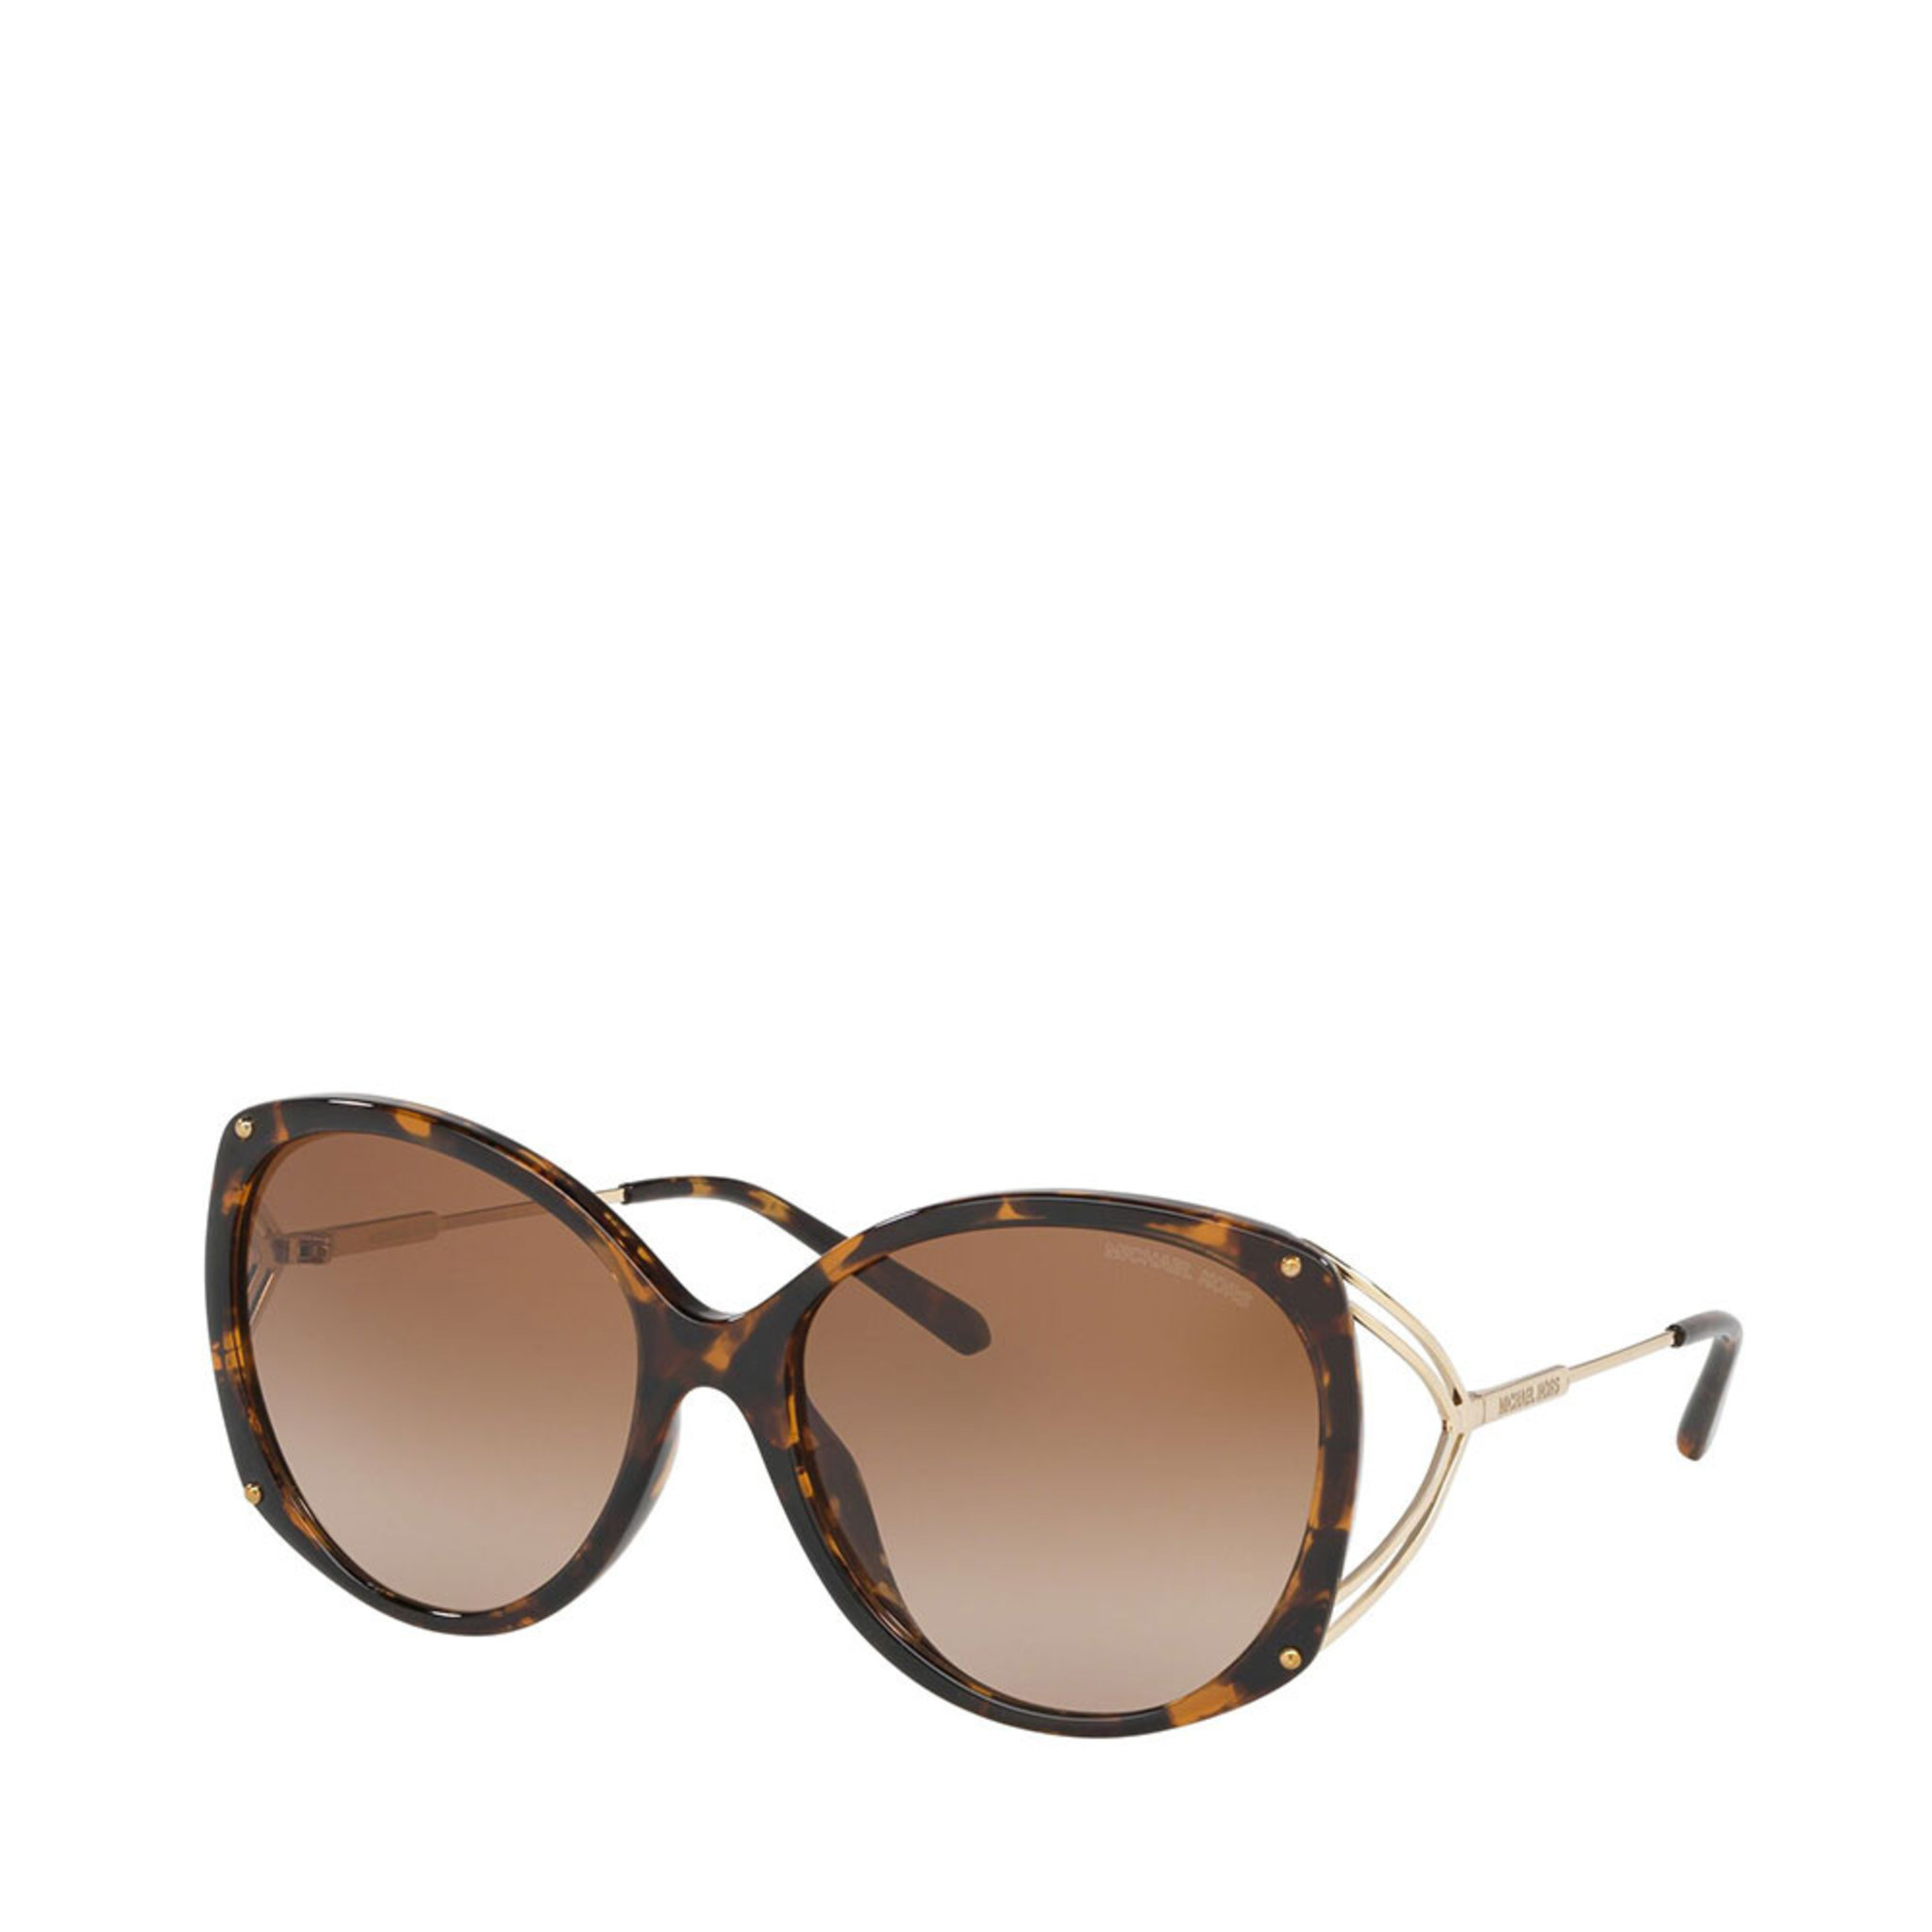 Sunglasses MORRO BAY